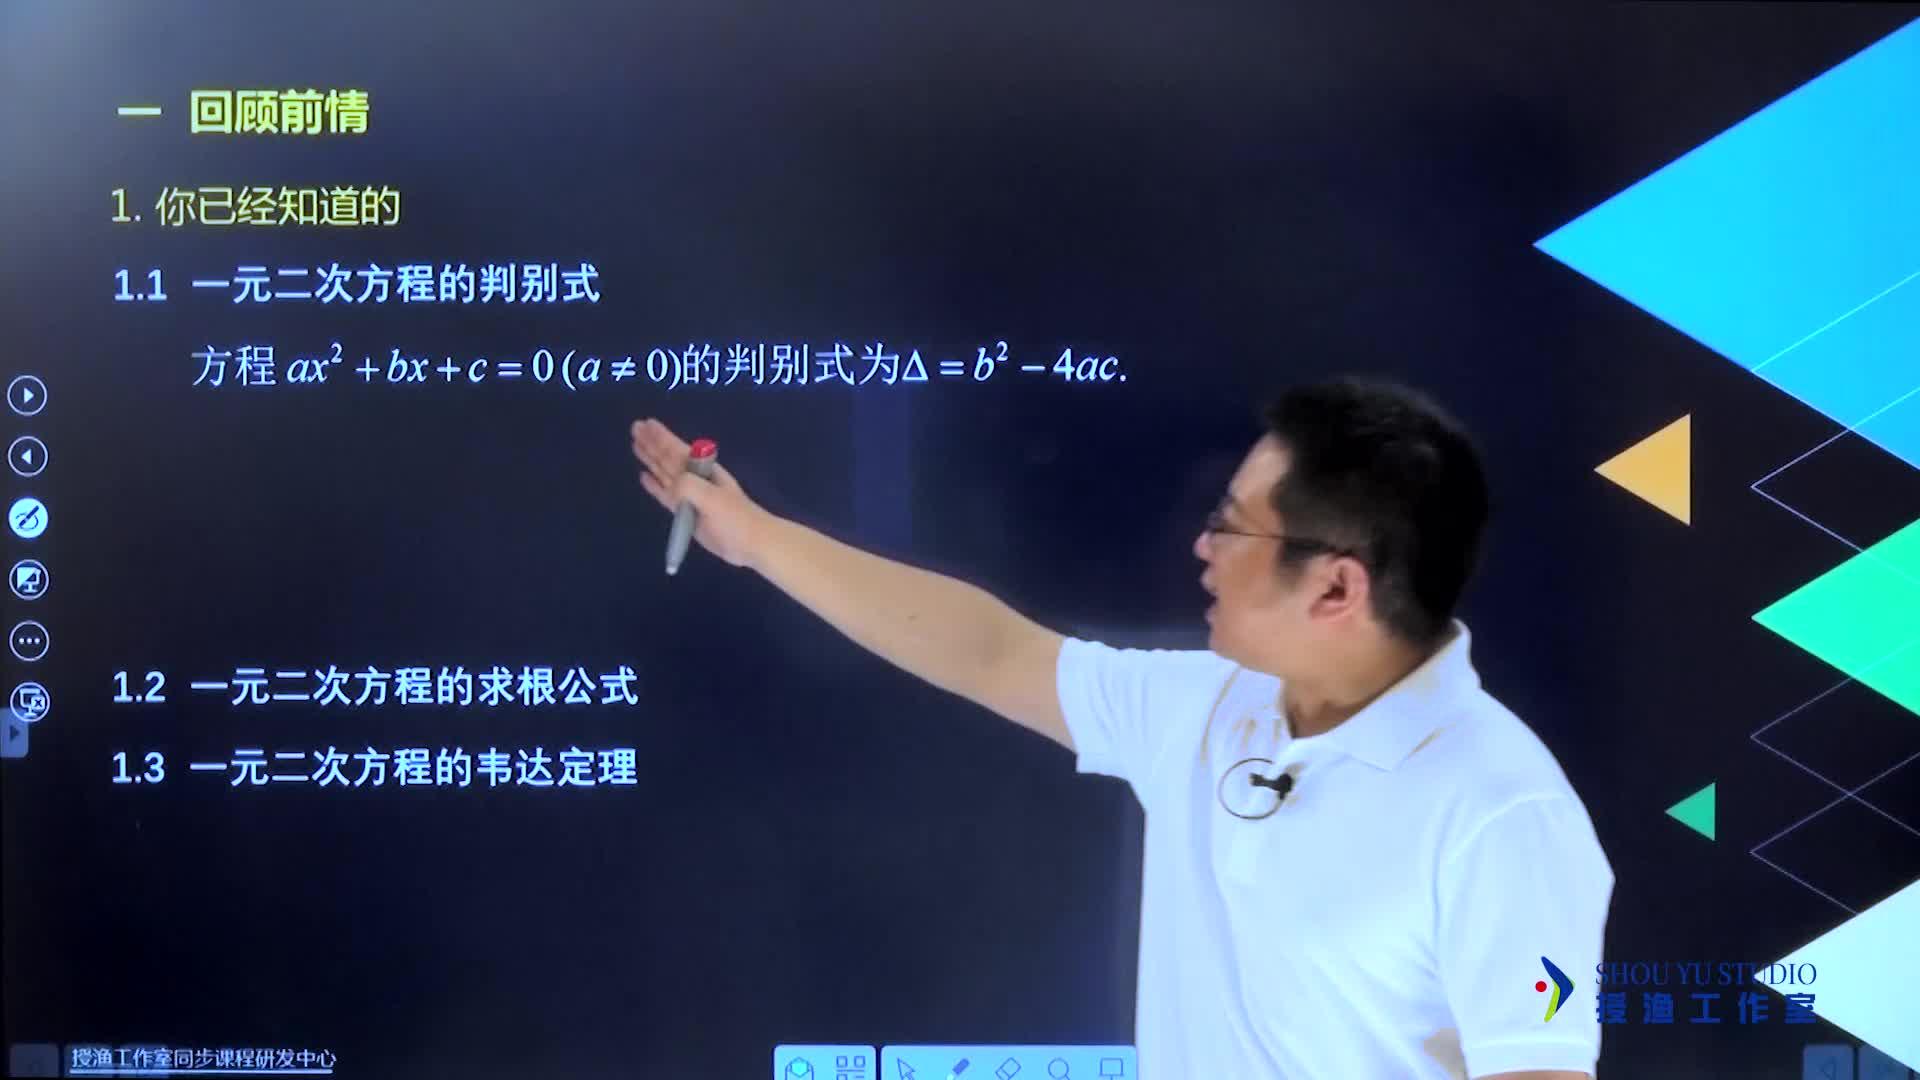 视频2.1 判别式与韦达定理  回顾前情-2019年《初高中衔接课》教材数学